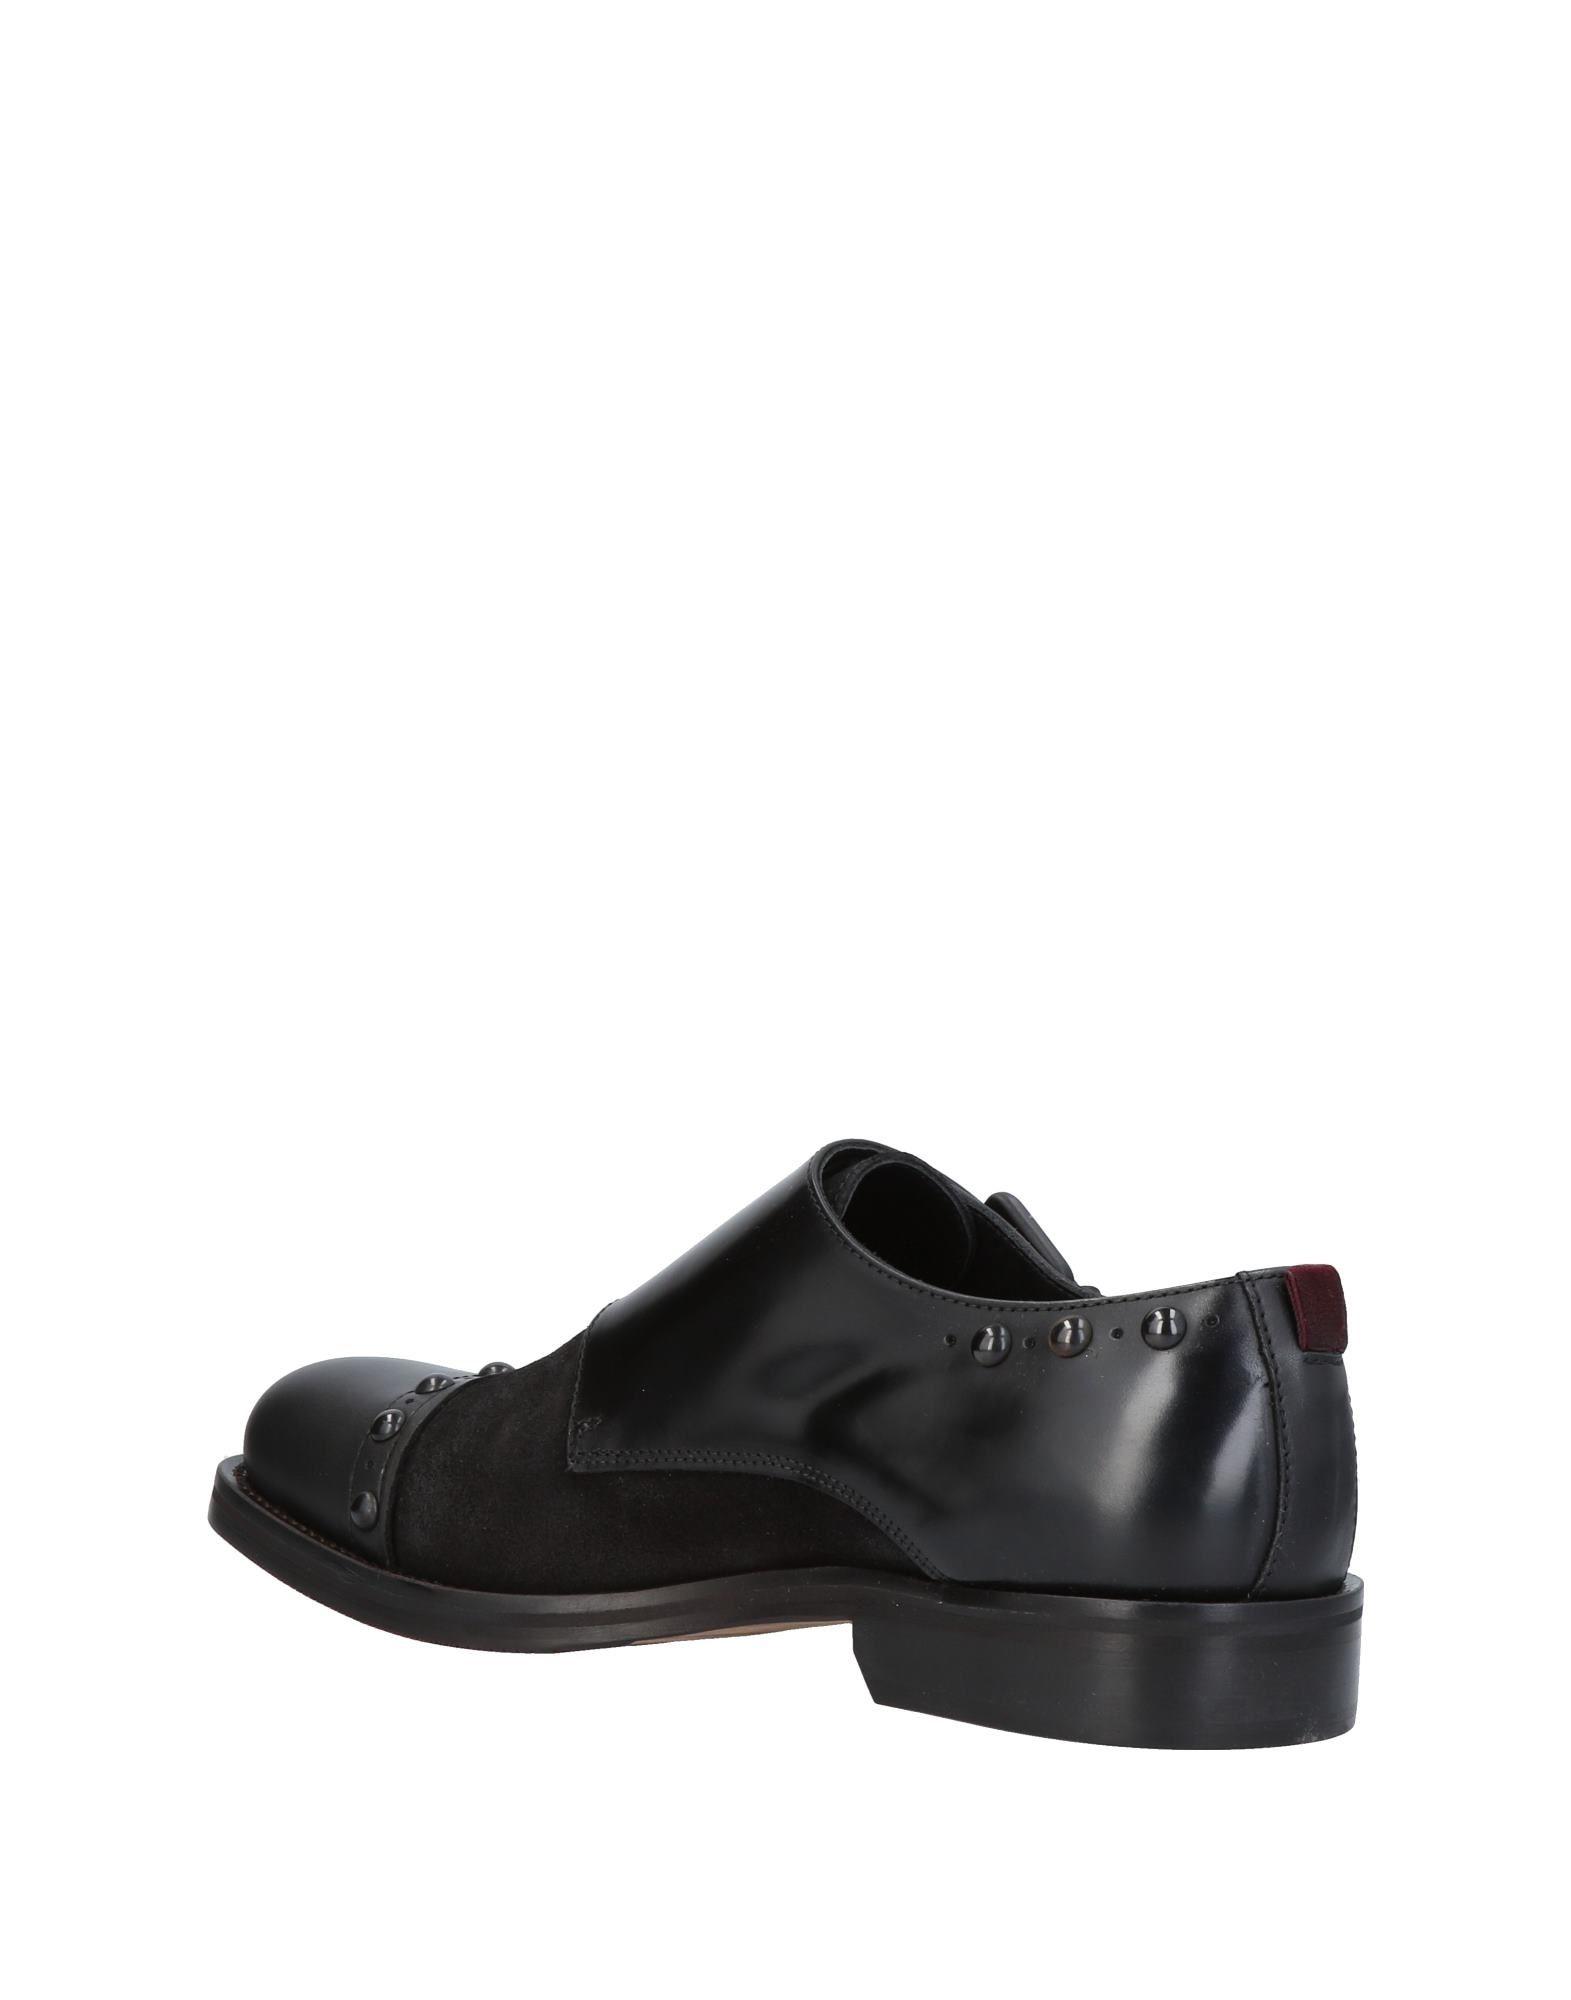 Attimonelli's Mokassins Herren  Schuhe 11447977IW Gute Qualität beliebte Schuhe  6dd4f8